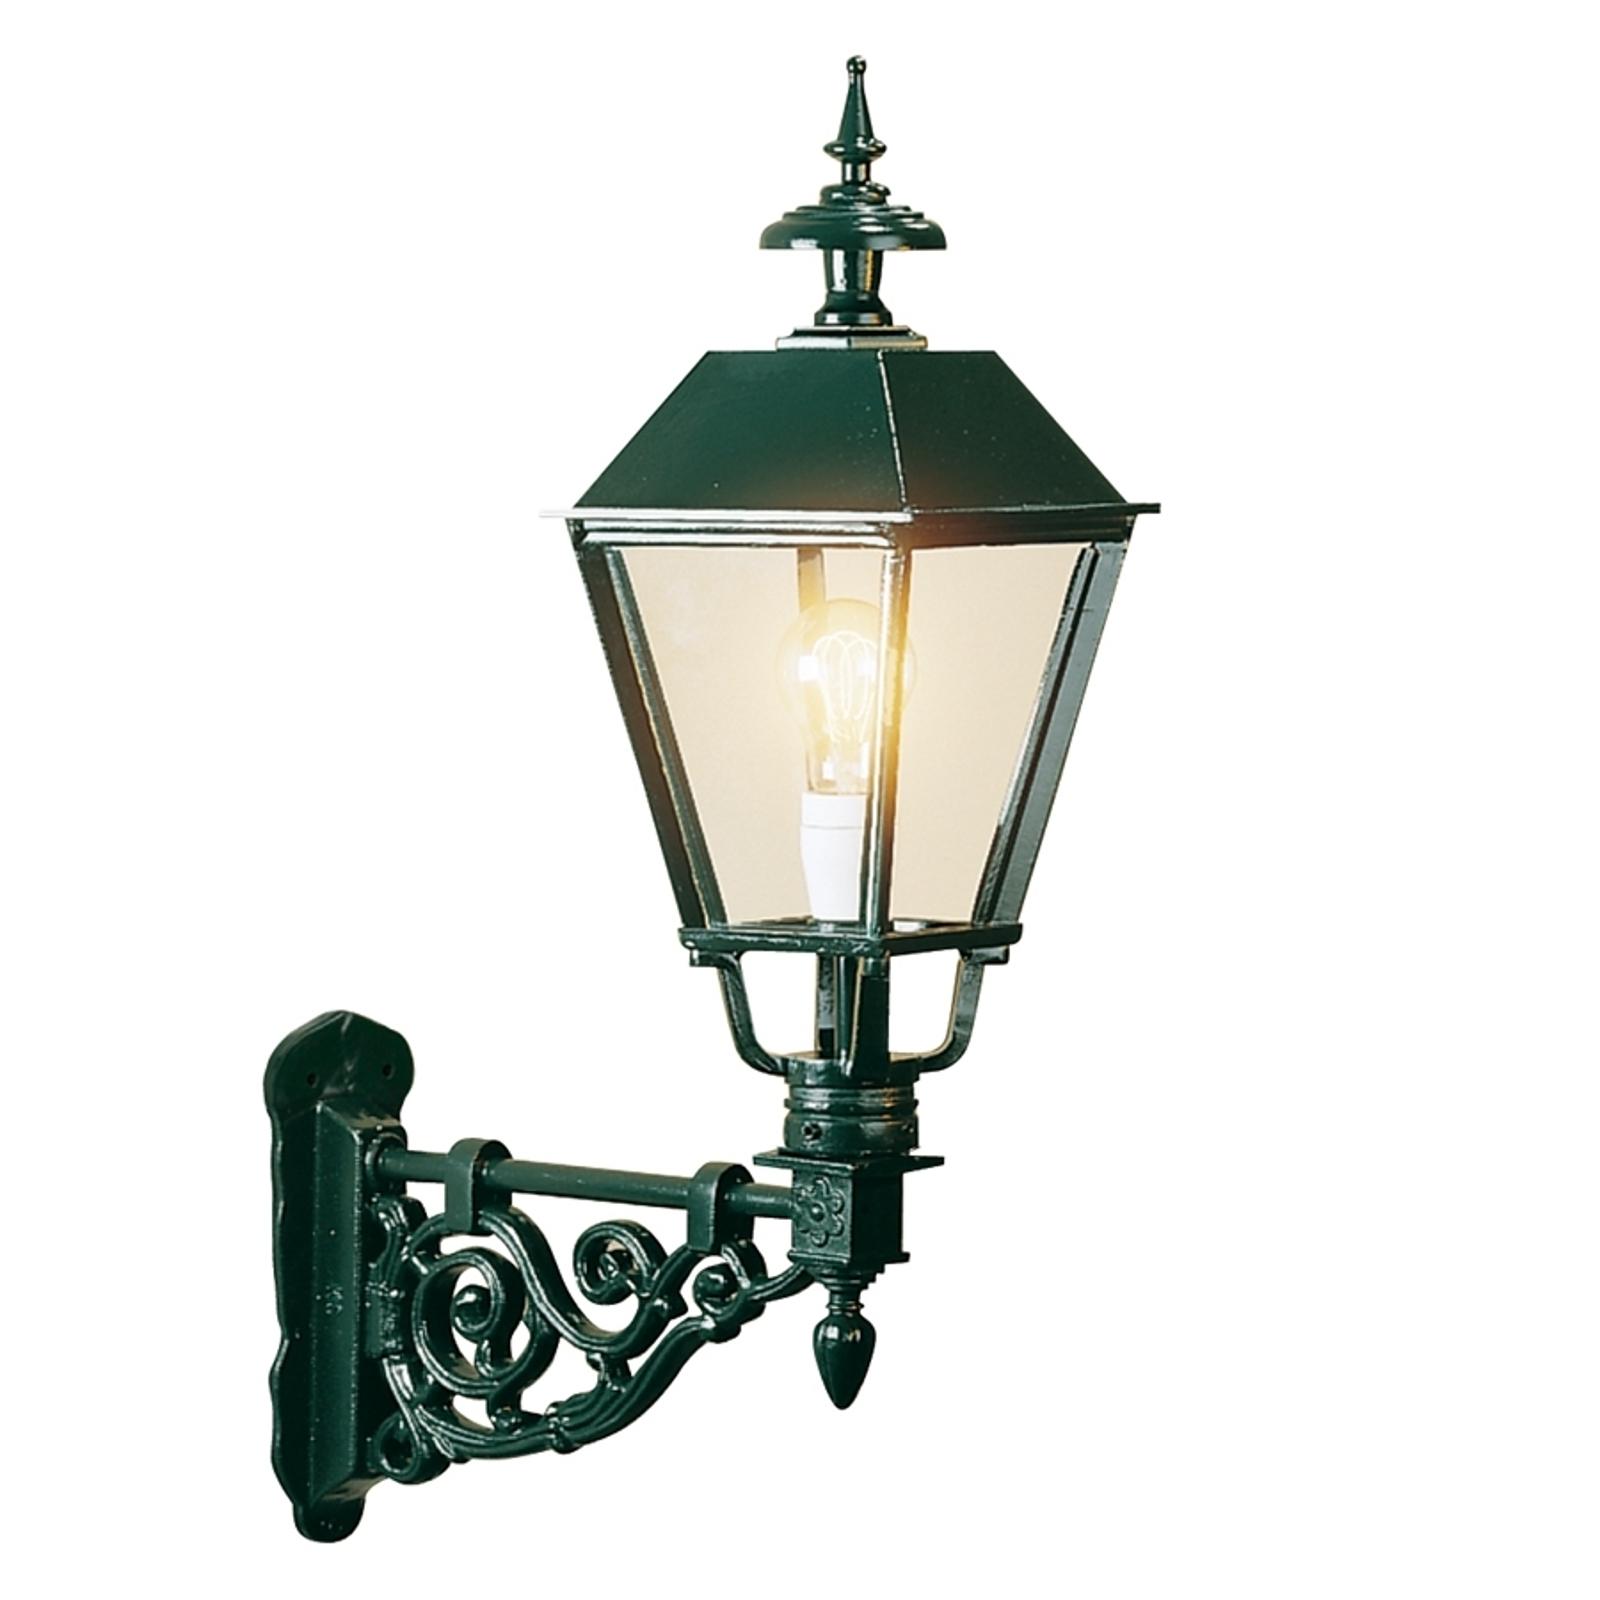 Stylowa zewnętrzna lampa ścienna Egmond, zielona